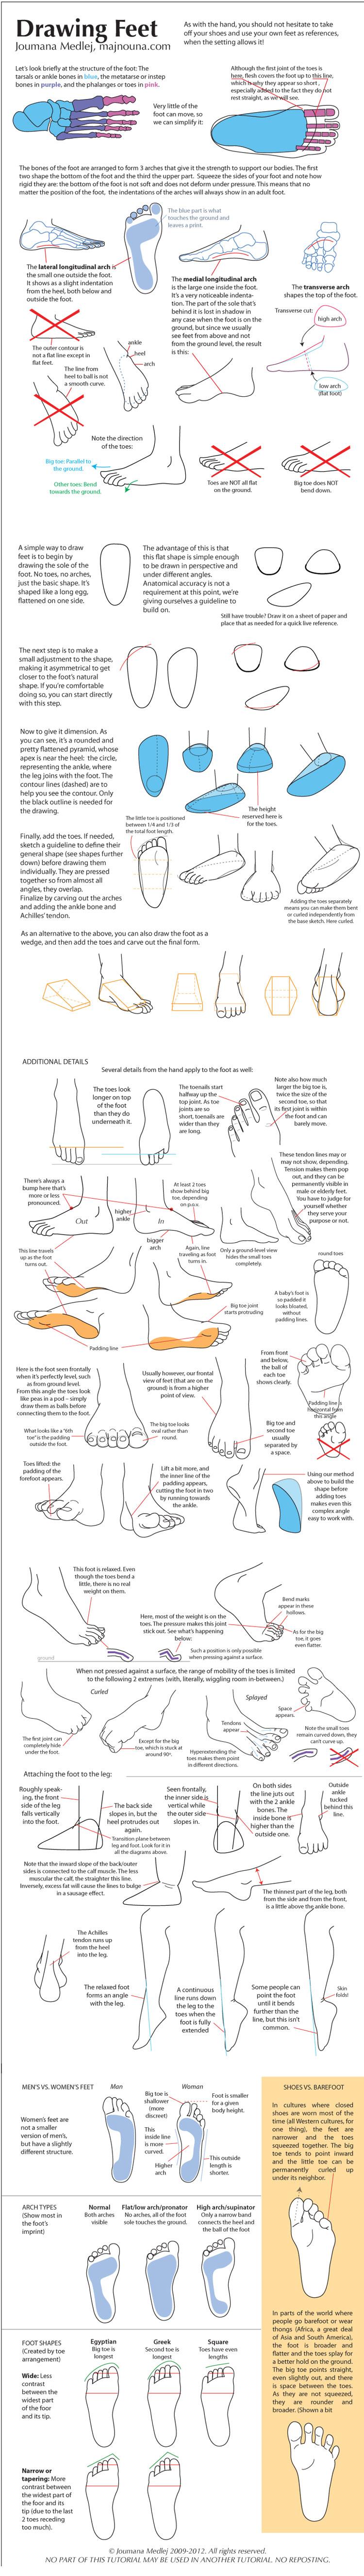 Drawing Feet by Majnouna